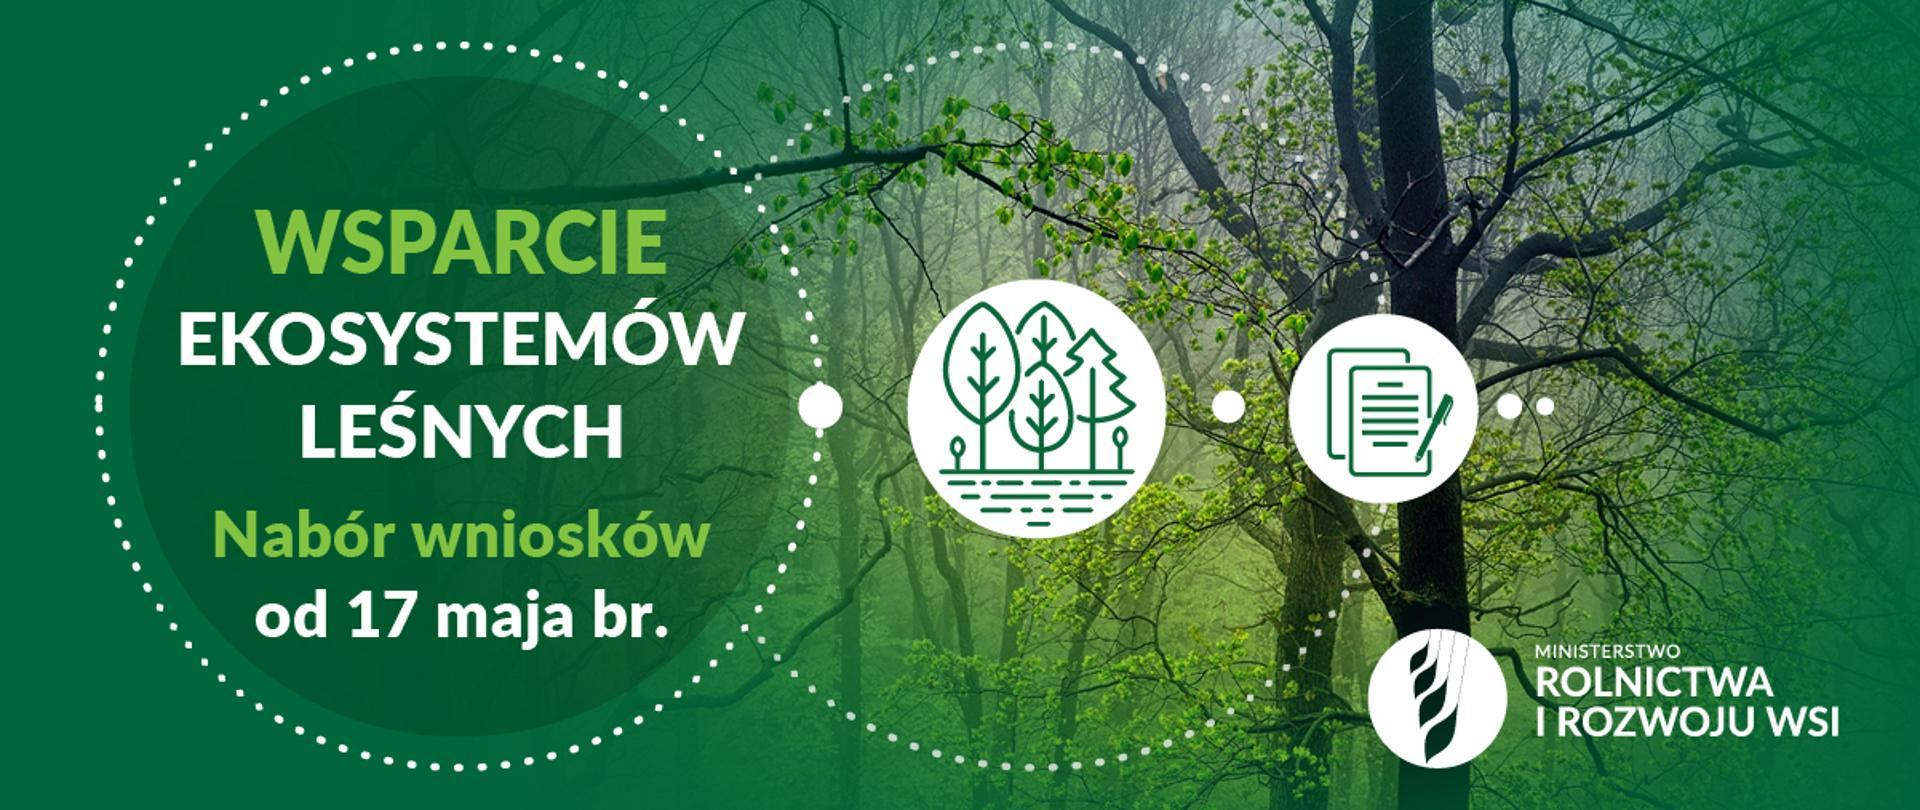 GMINA SANOK: Jesteś właścicielem prywatnego lasu? Sprawdź jak uzyskać wsparcie - Zdjęcie główne